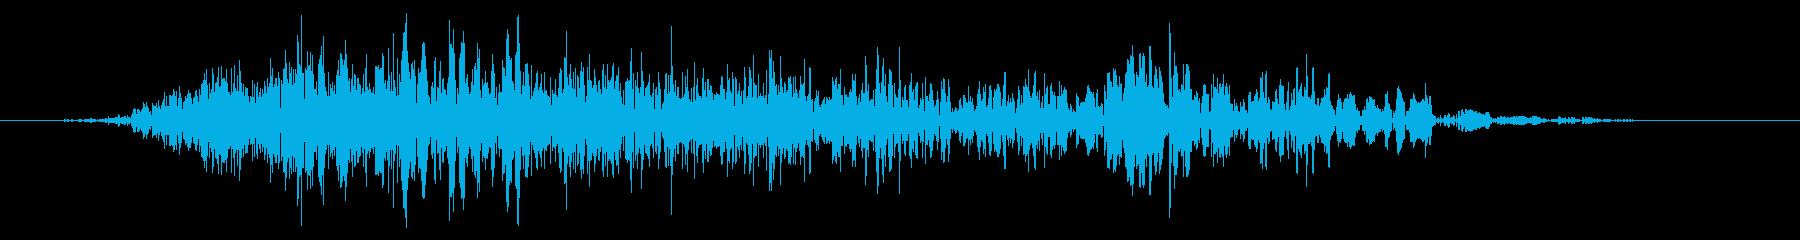 スライムなどが蠢く音タイプB#6の再生済みの波形